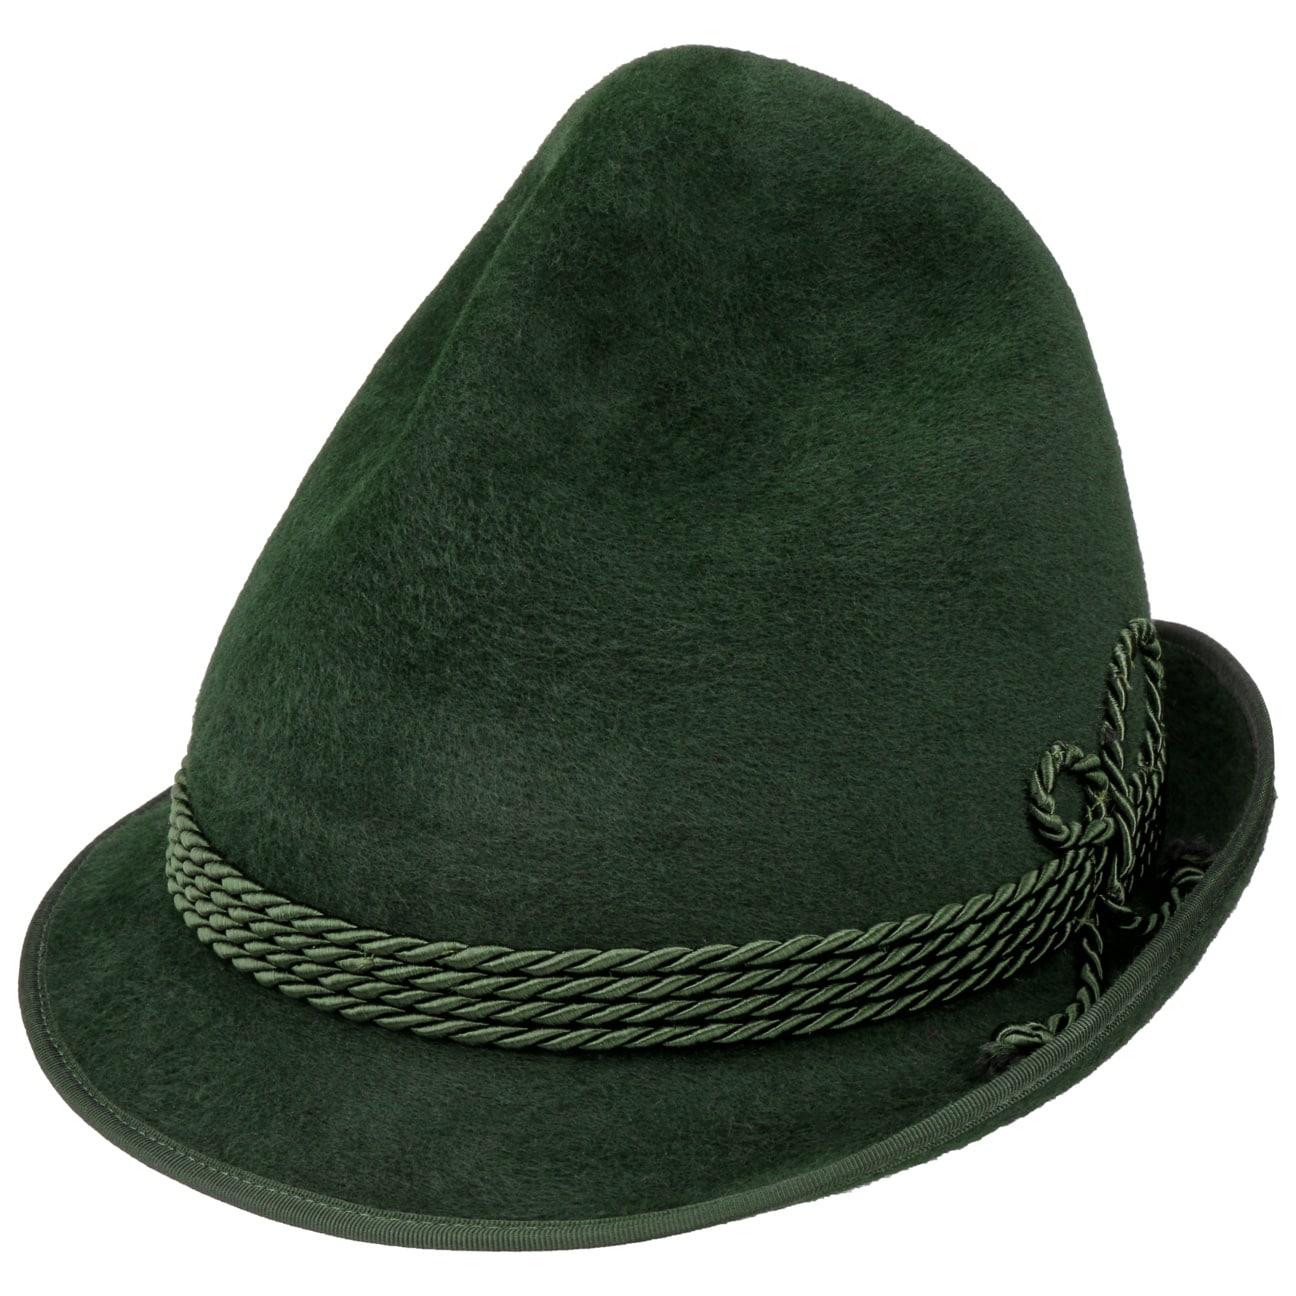 Sombrero Allgau Dreispitz by Lodenhut Manufaktur